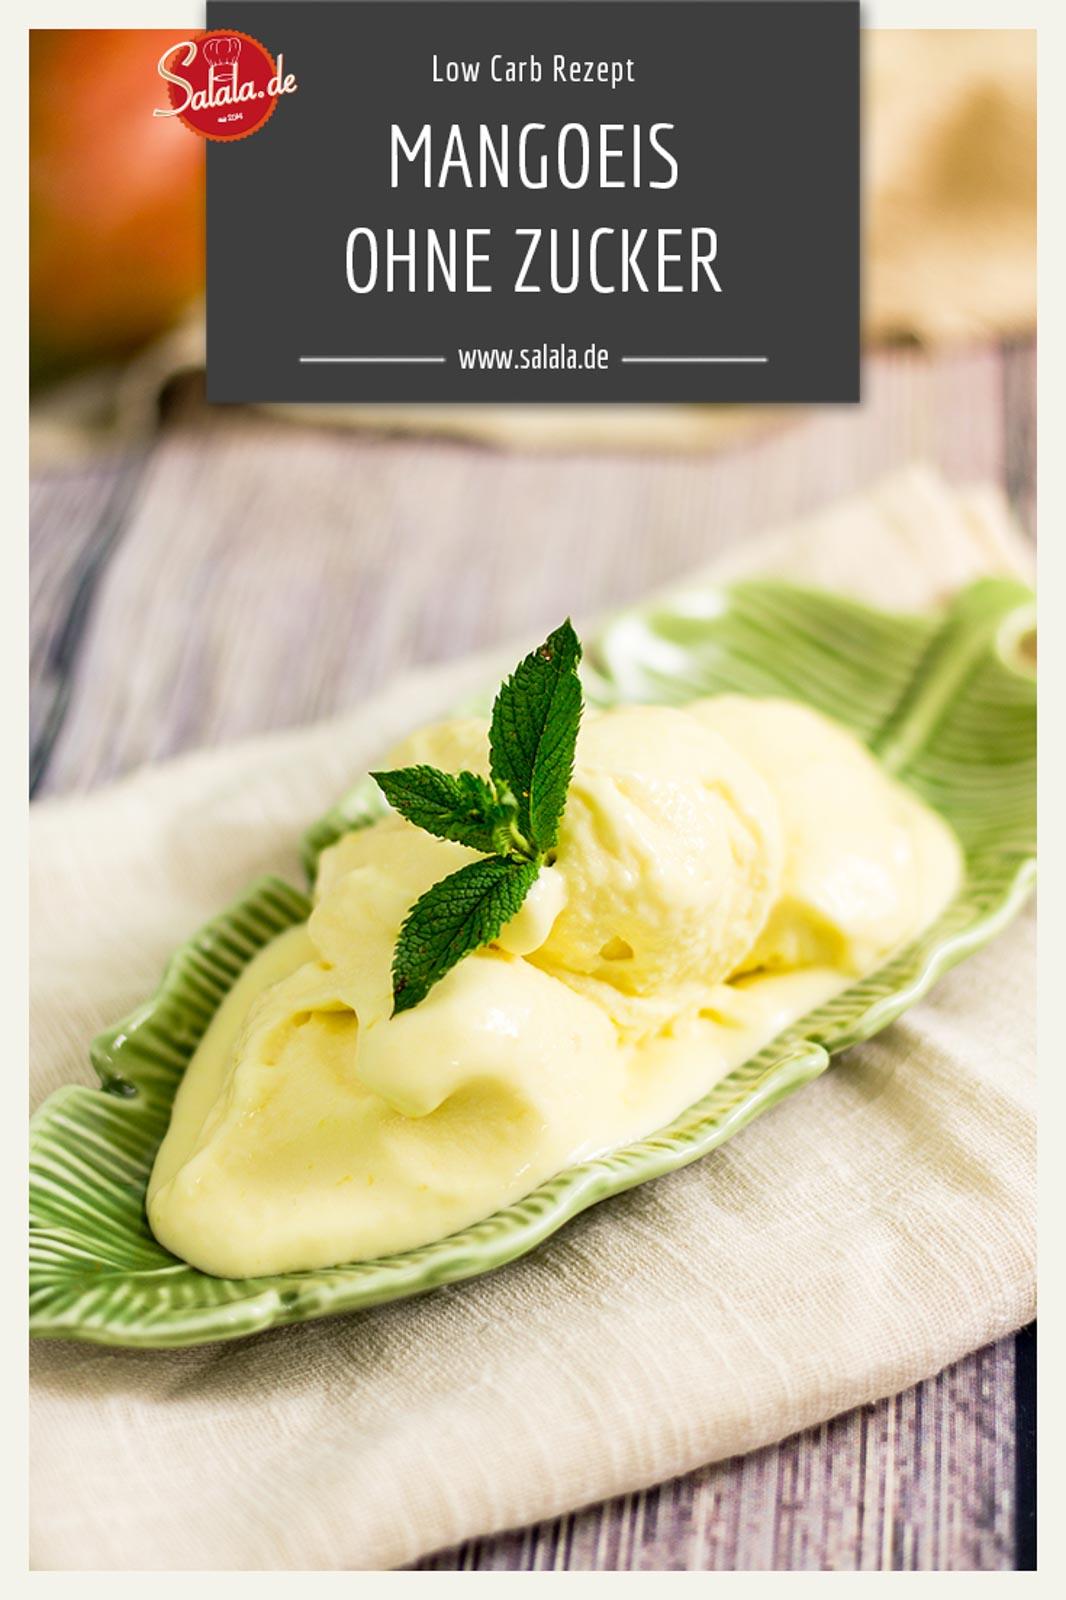 Low Carb Joghurt-Mangoeis - by salala.de - cremiges Speiseies ohne Zucker und mit frischer Mango - mit Ibywind YF700 #eis #zuckerfrei #frucht #lowcarb